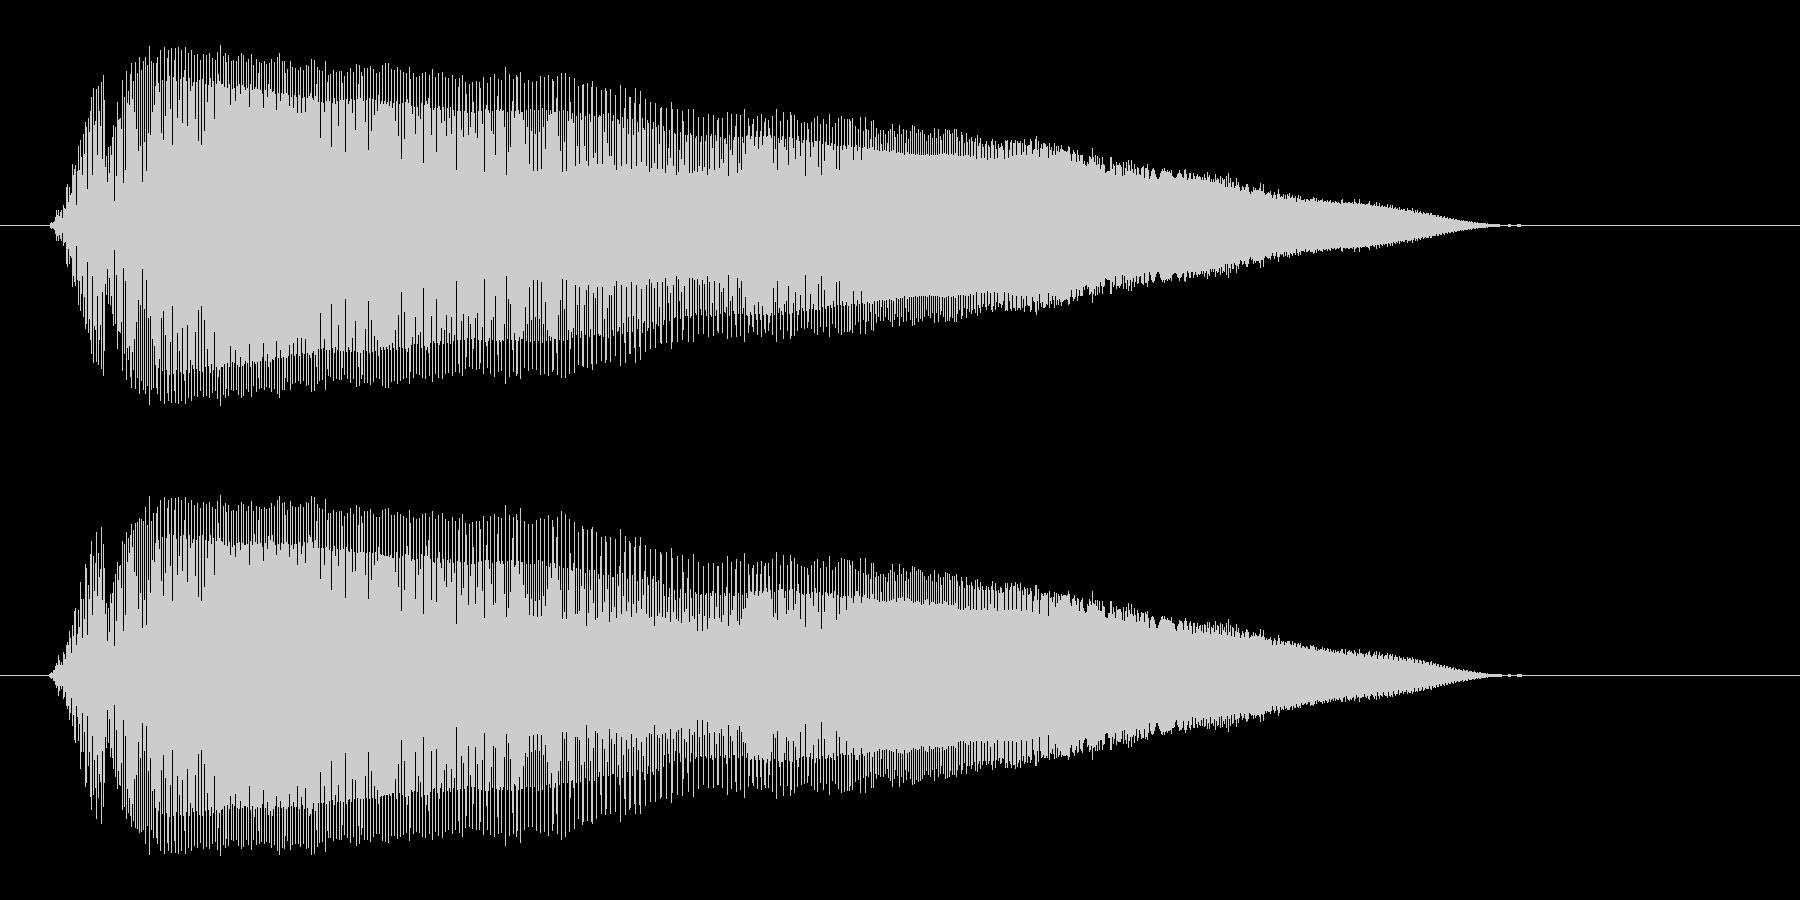 ピュウウウ(ネズミの鳴き声のような音)の未再生の波形